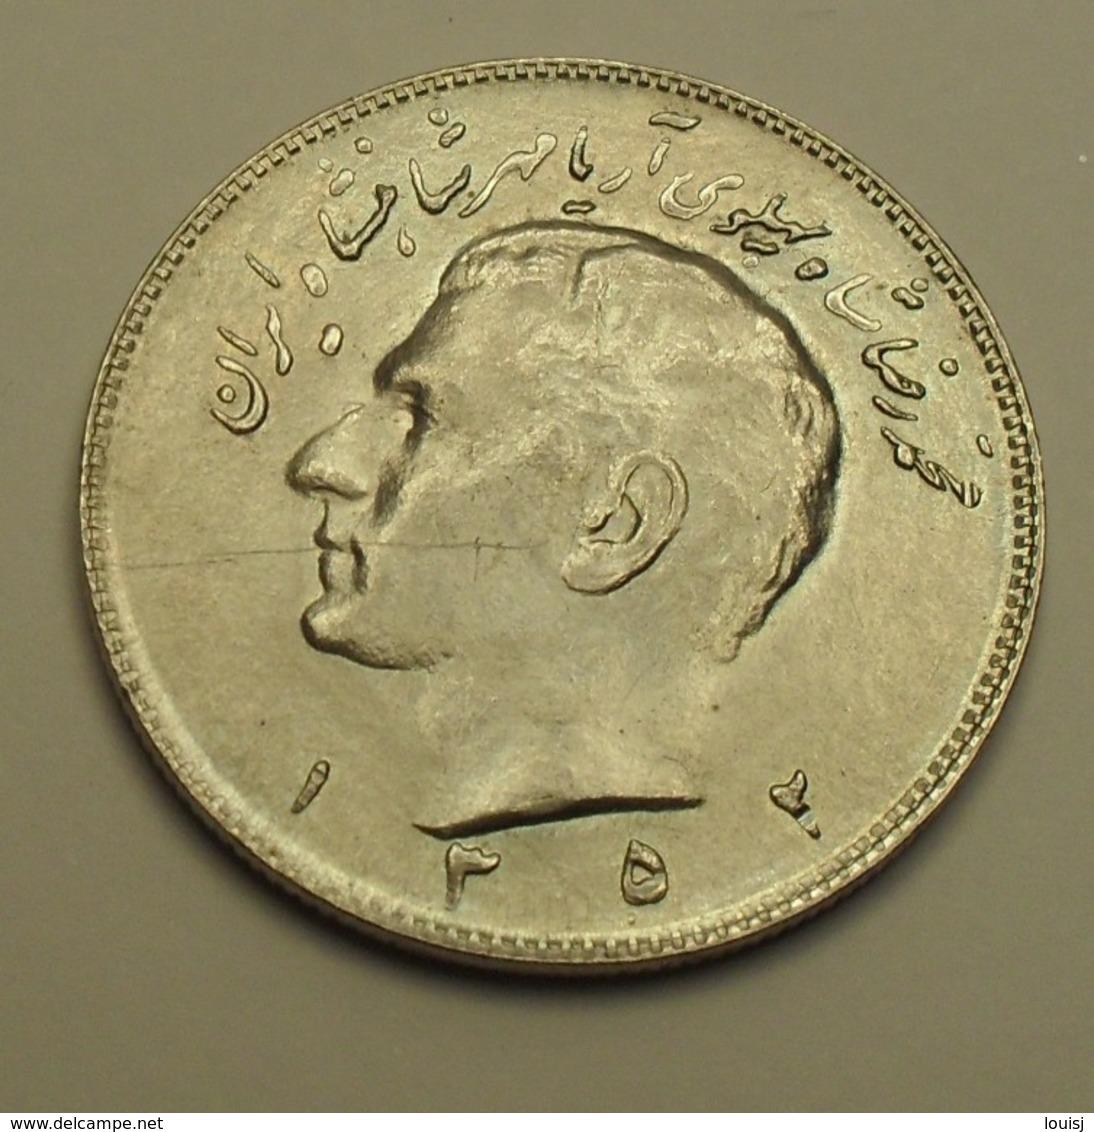 1973 - Iran - 1352 - 10 RIALS, Mohammad Reza Pahlavi - KM 1179 - Iran